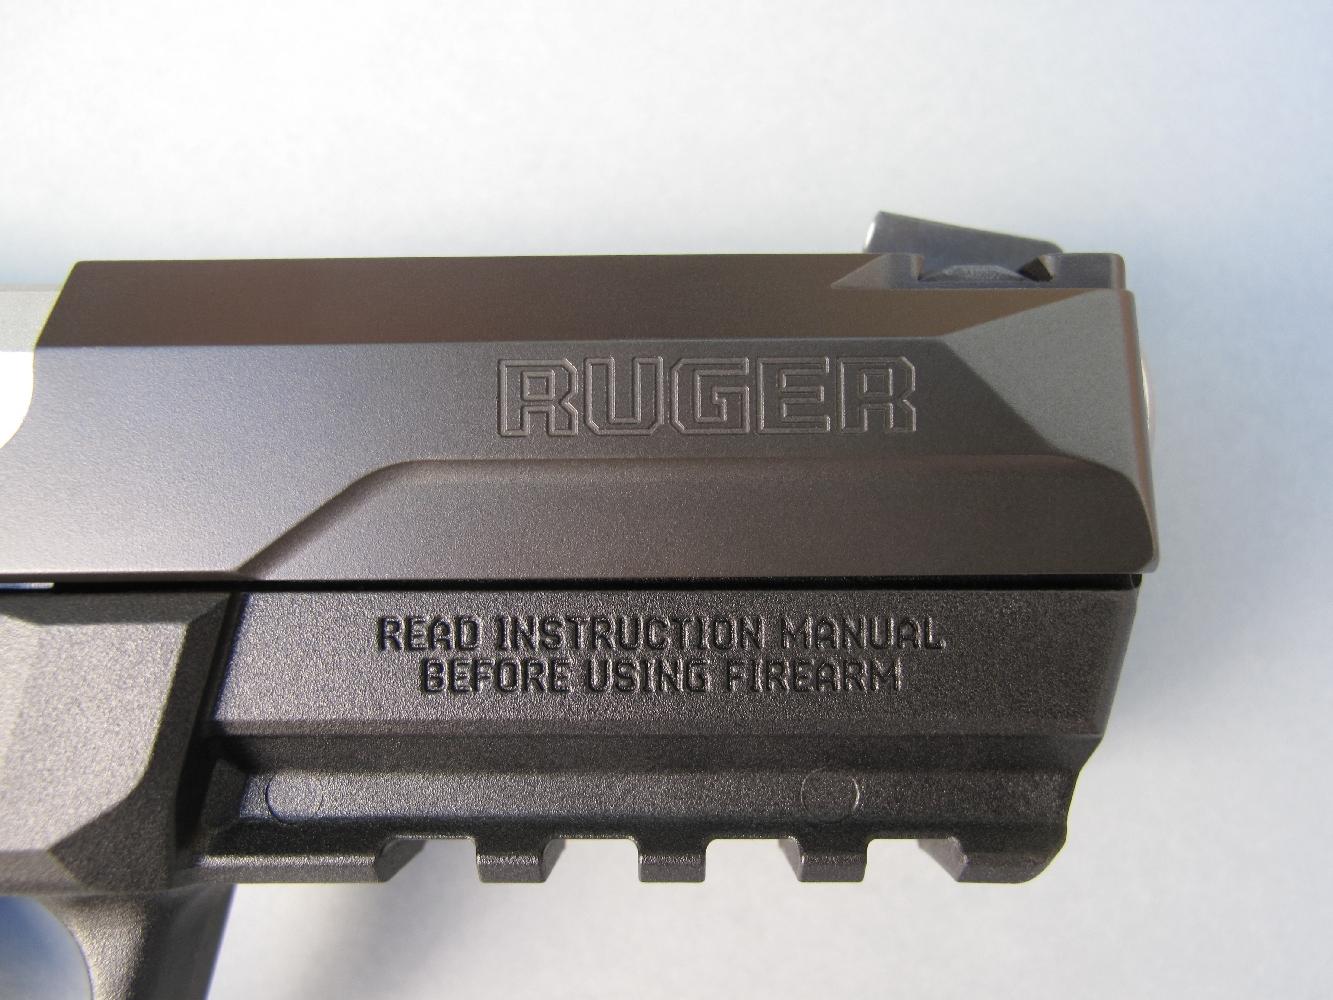 Le nom commercial de son fabricant, la firme américaine Sturm, Ruger & Co, de même que les habituels avertissements liés à la sécurité d'utilisation dont clairement visibles de chaque côté de l'arme.